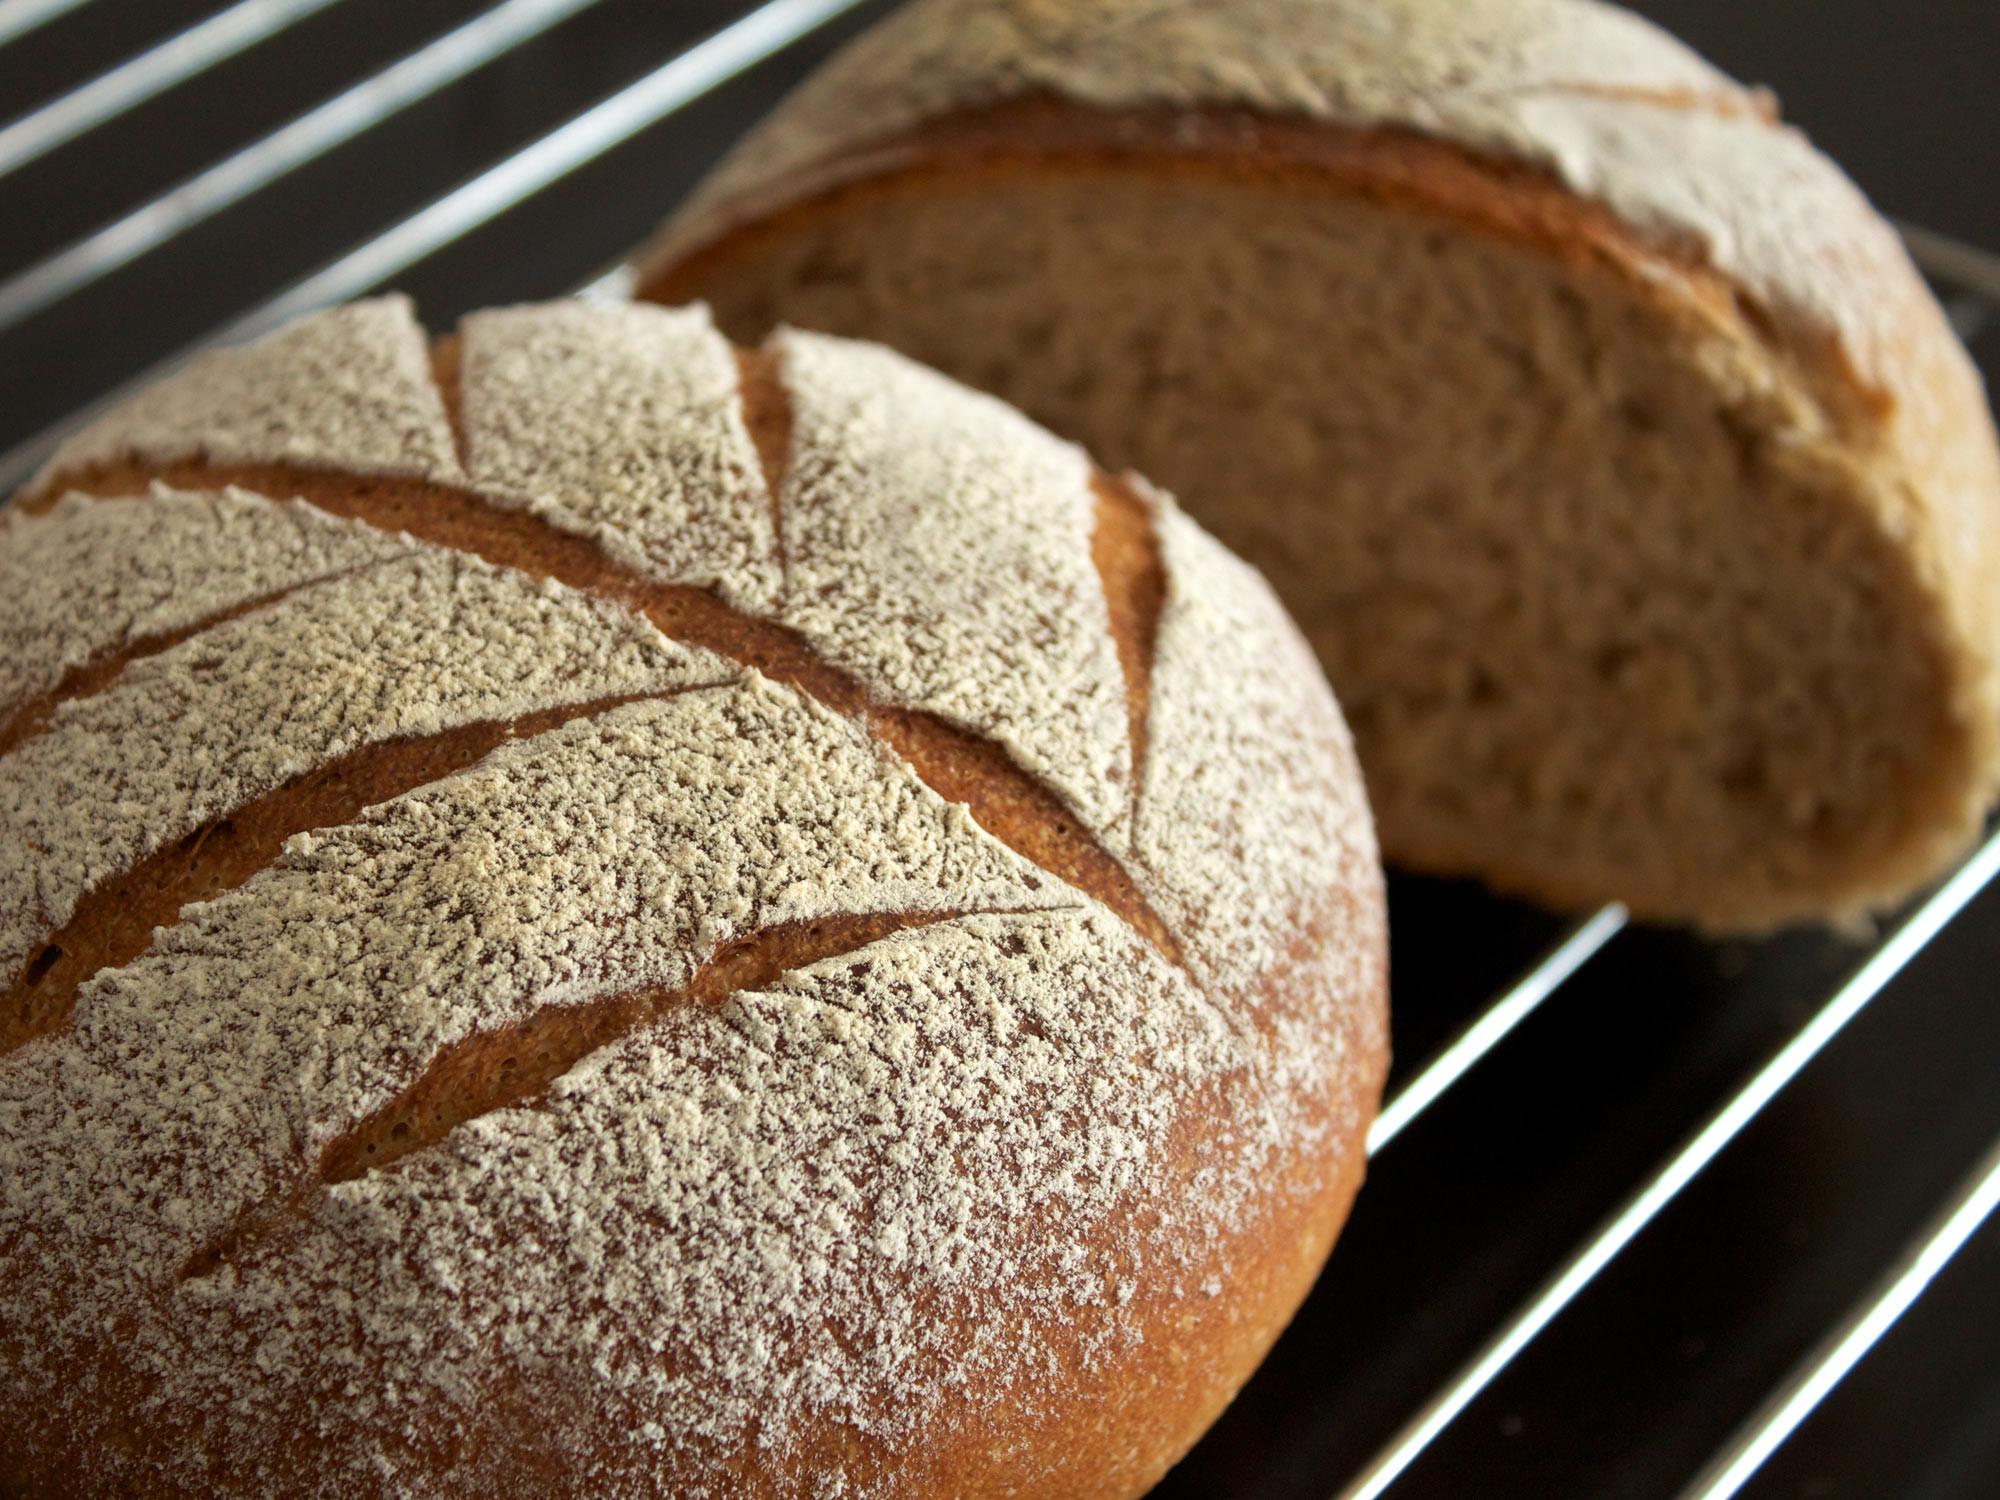 食べ始めたらハマっちゃうかも!? ライ麦パンの魅力とそのカロリーのサムネイル画像